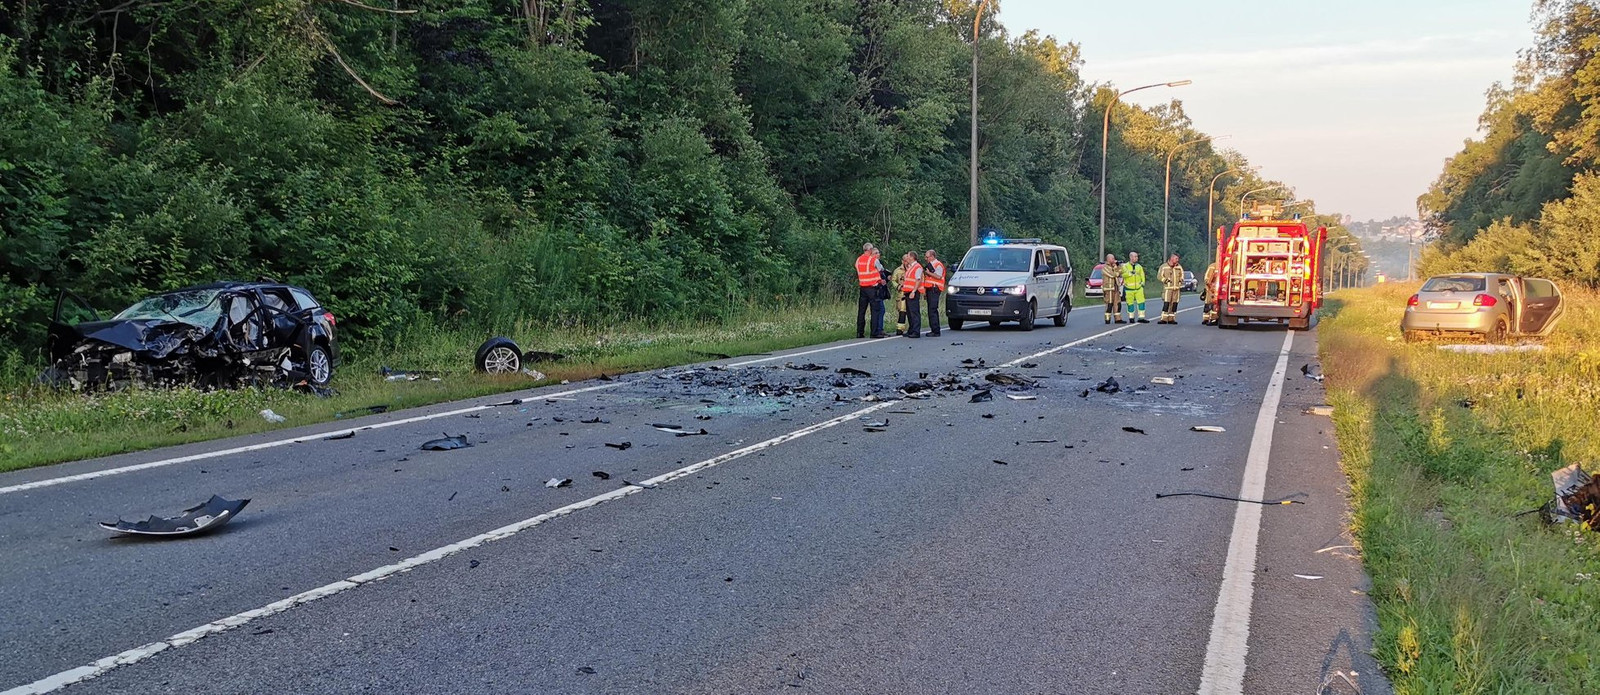 Het tragische ongeval gebeurde op de N97 ter hoogte van het Belgische Ciney.